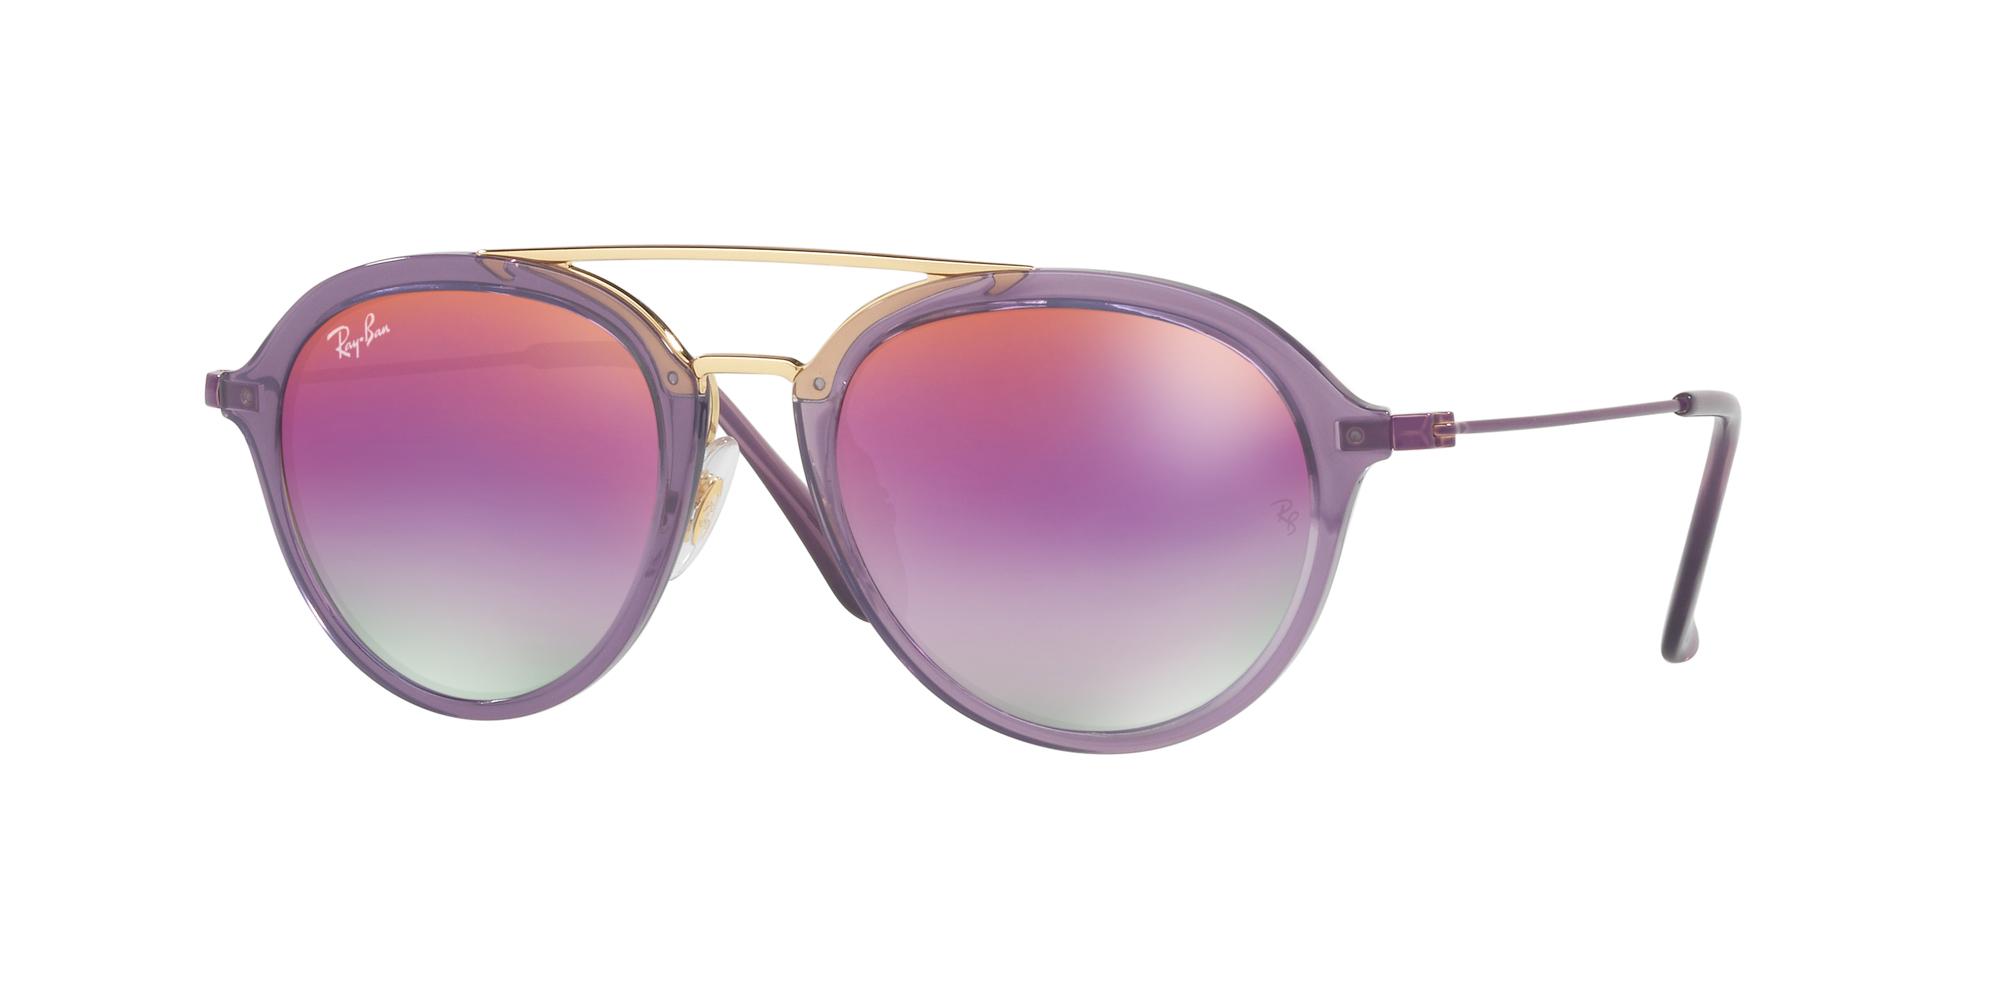 1932287fb1c Eyewear for Kids - Ray-Ban - Optiwow